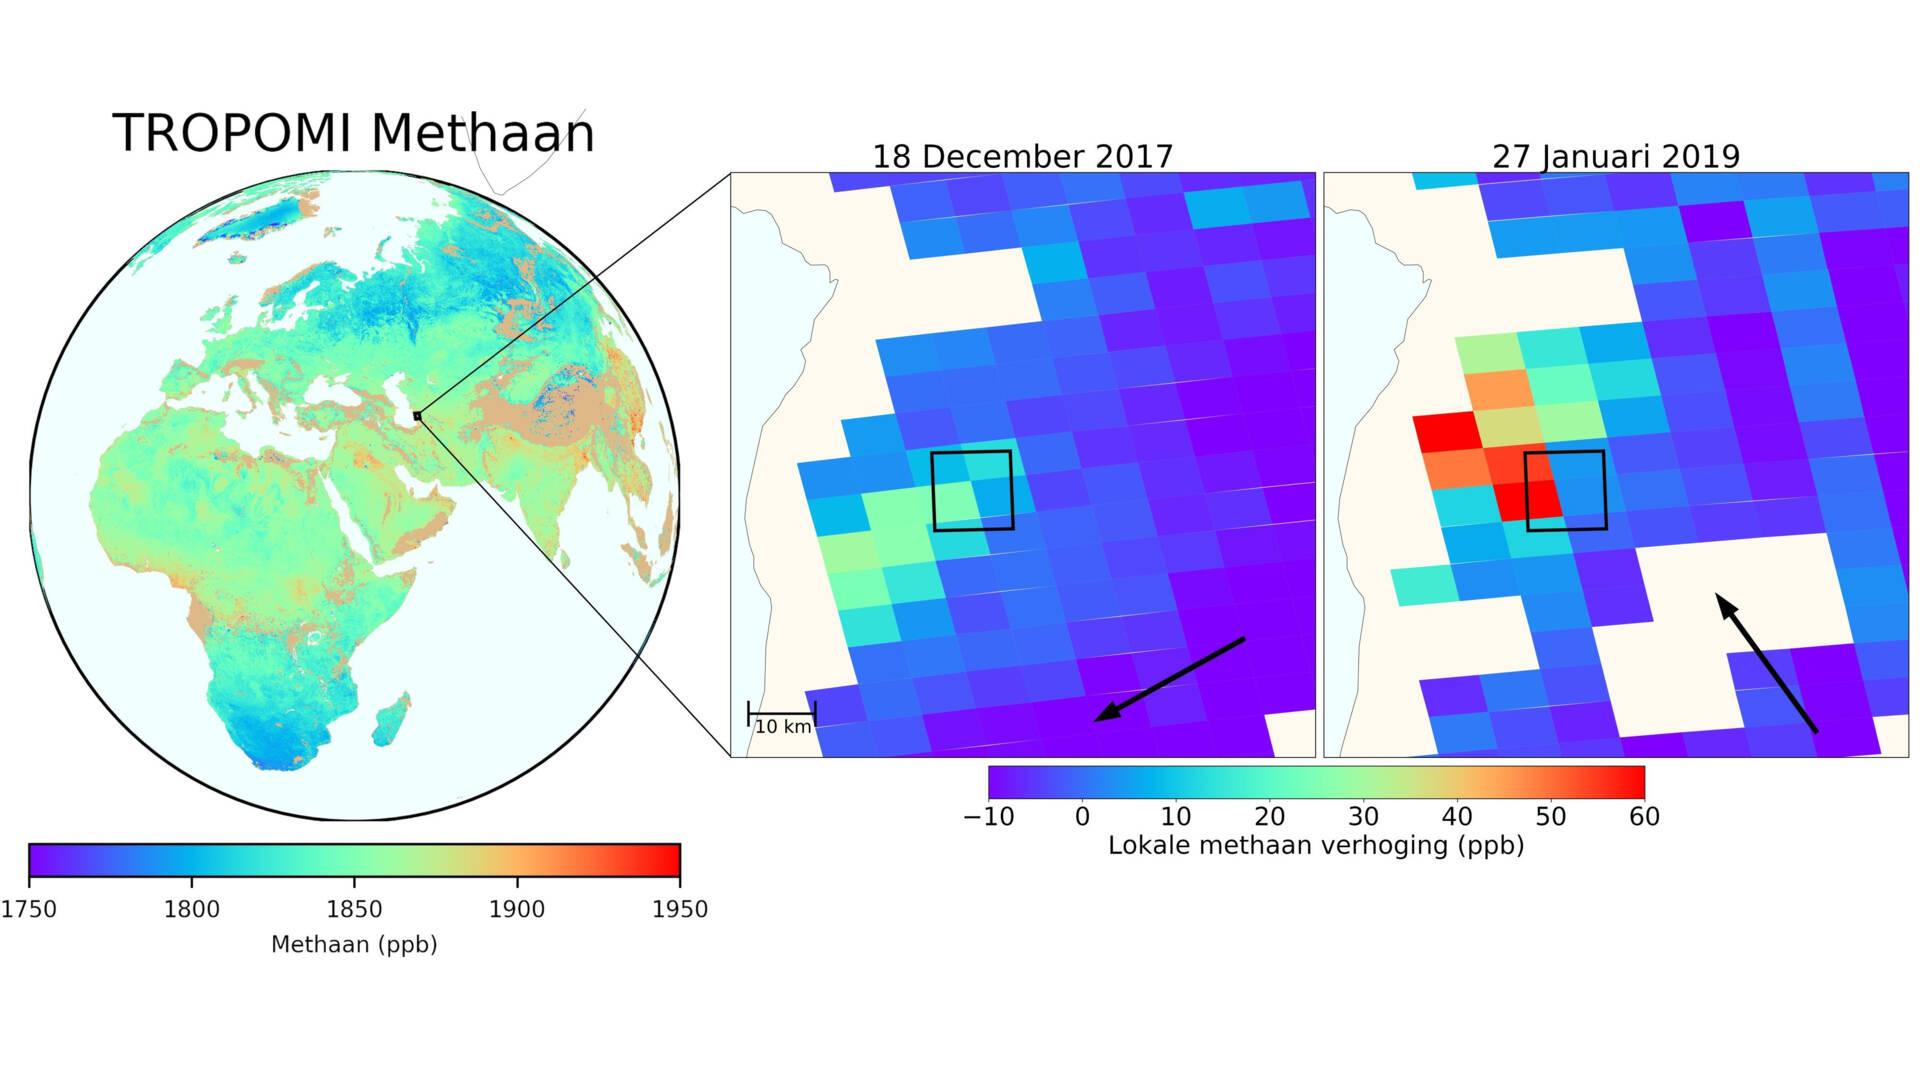 methaanmetingen tropomi maken methaanlek zichtbaar